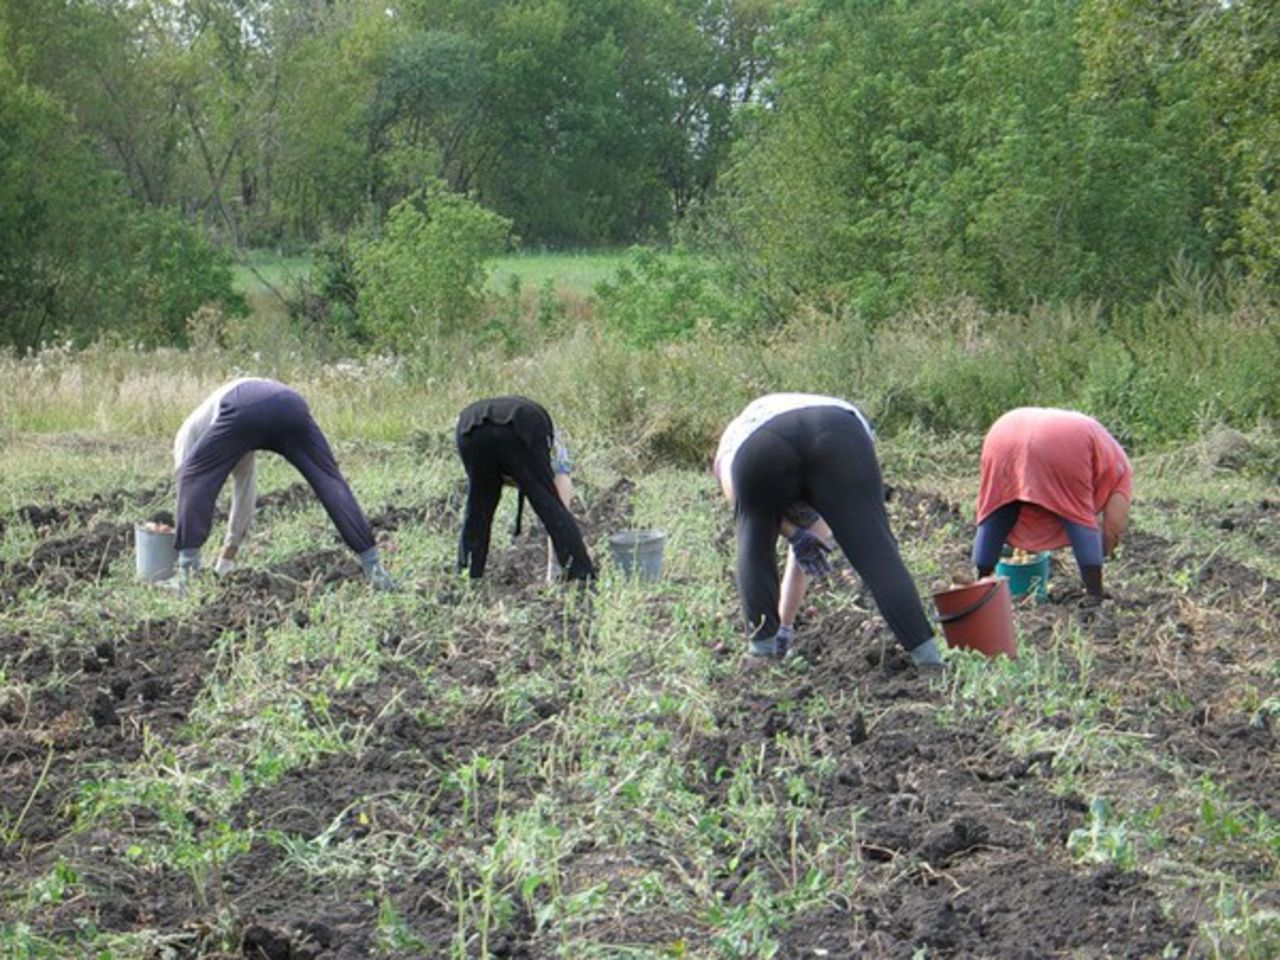 Праздник закончился: россияне вернутся на огороды